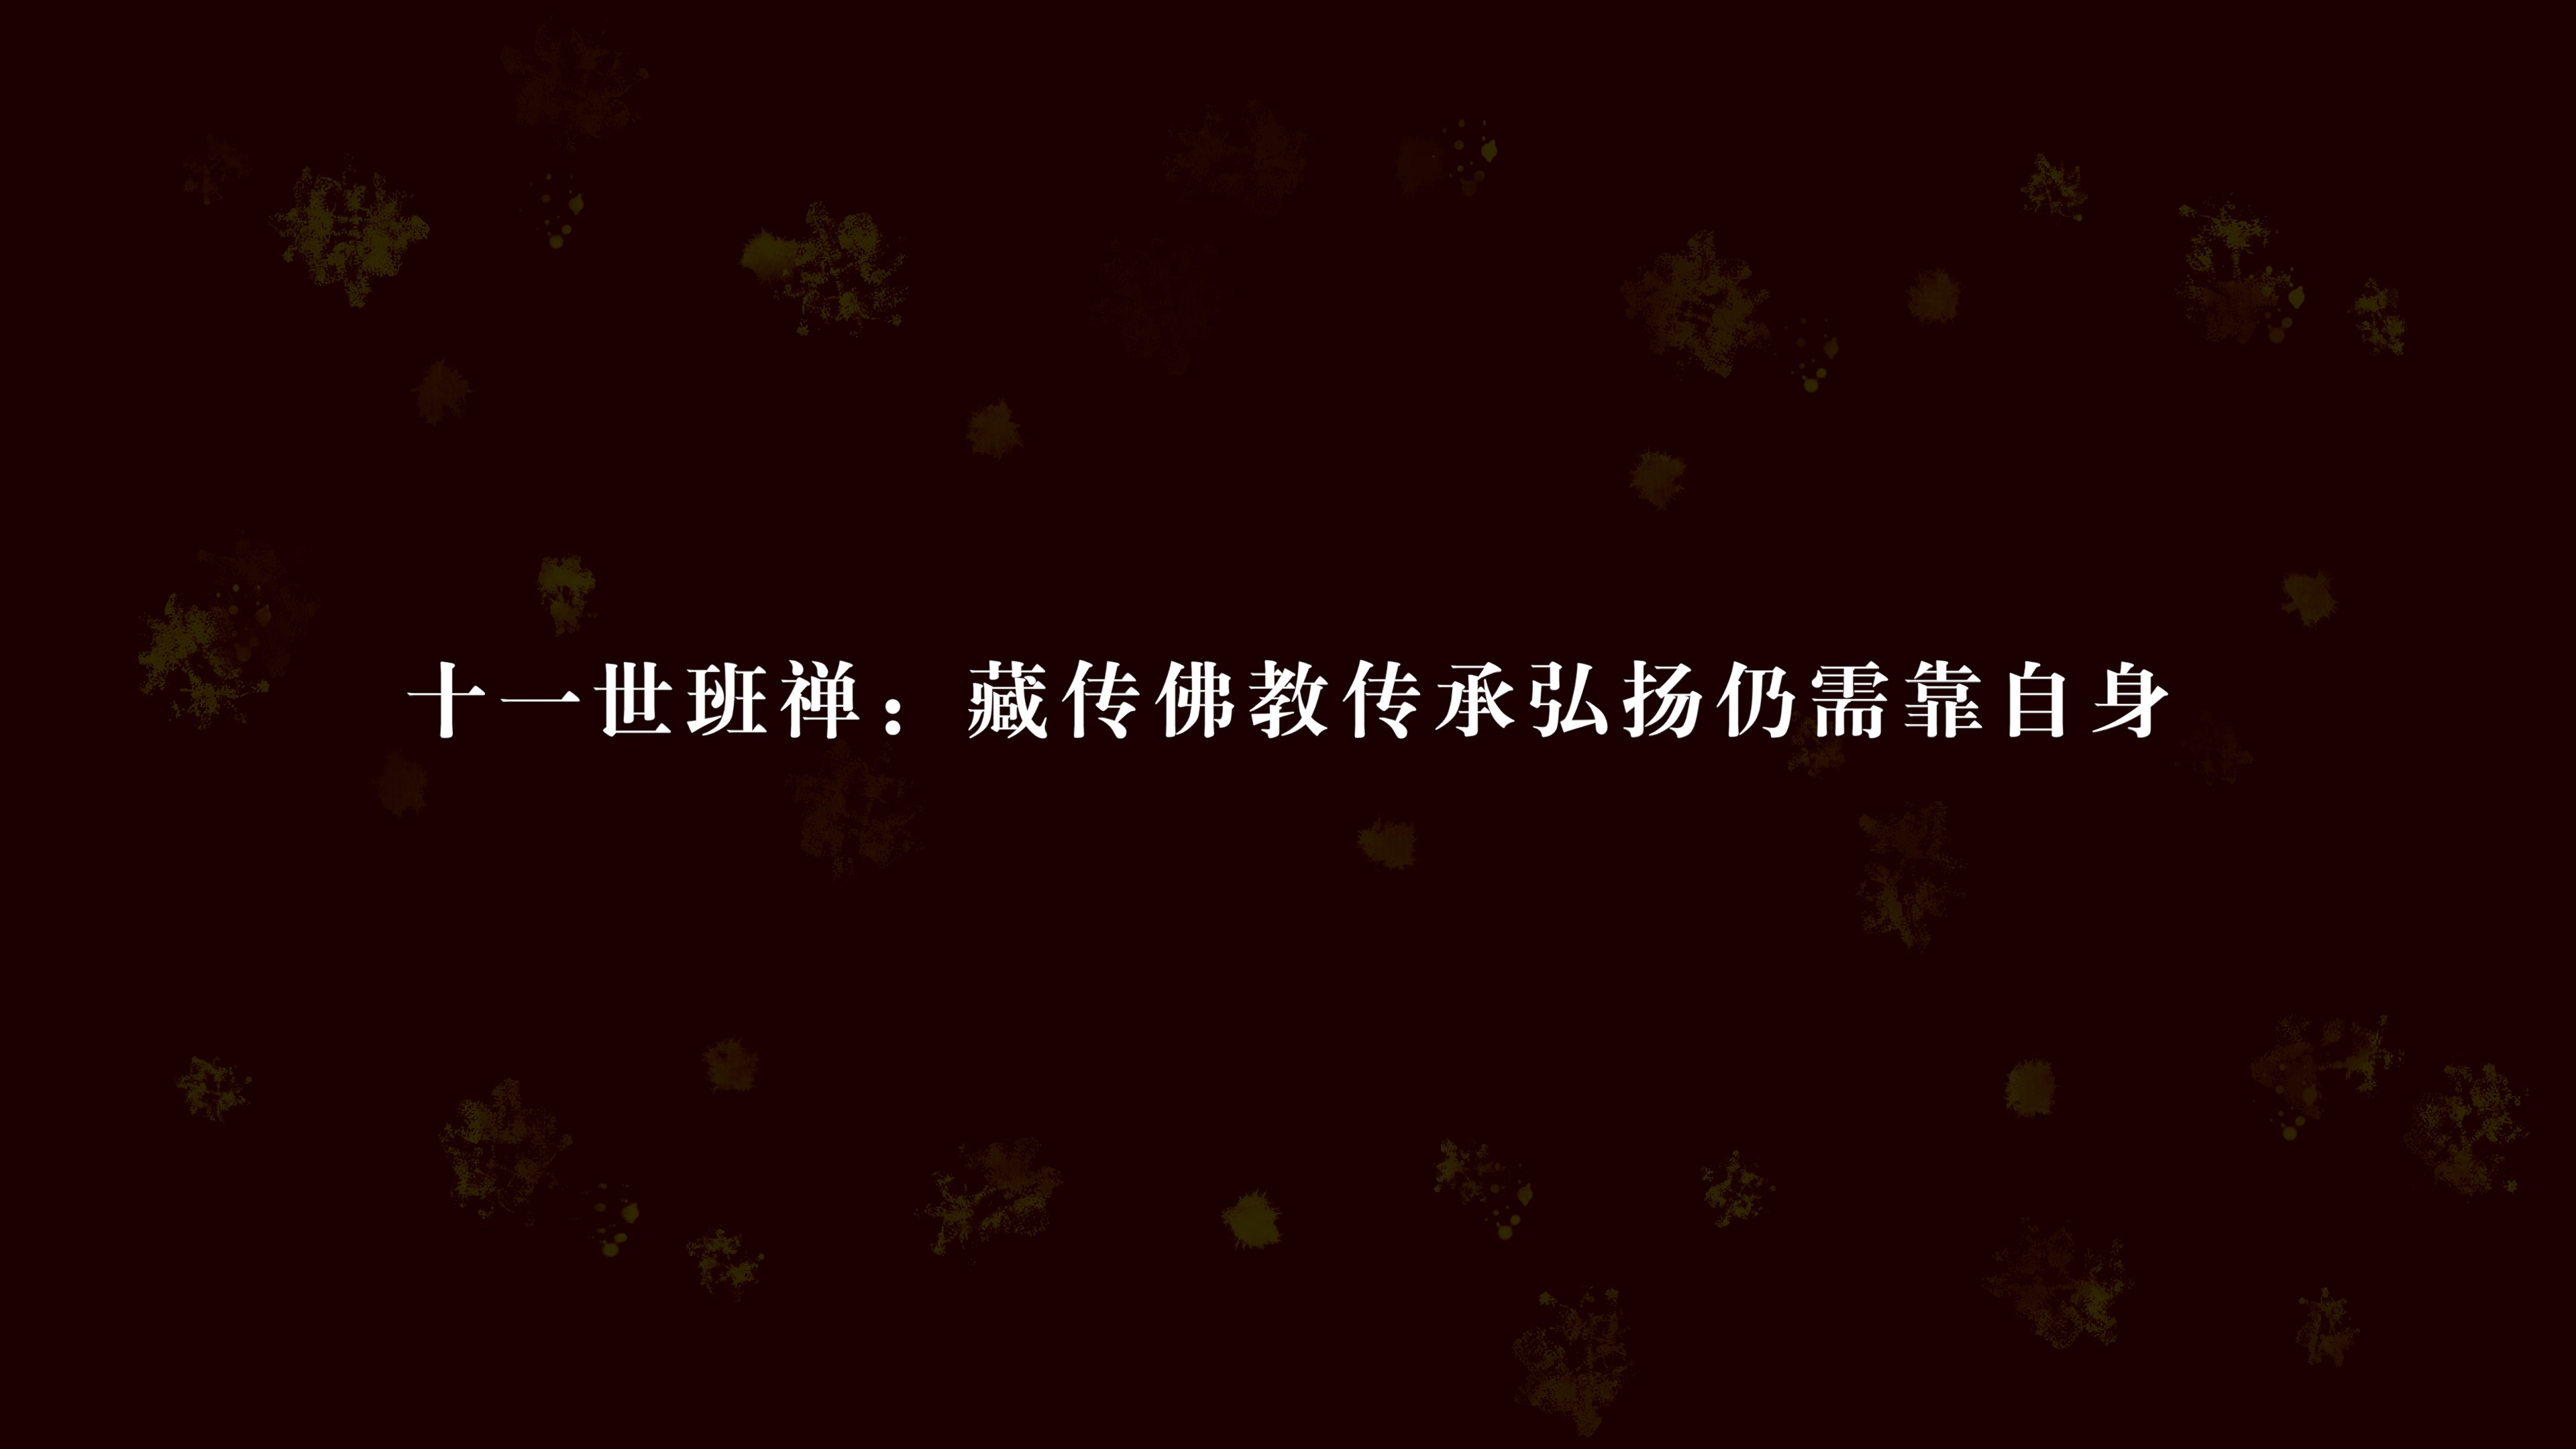 十一世班禅:藏传释教传承弘扬仍需靠本身